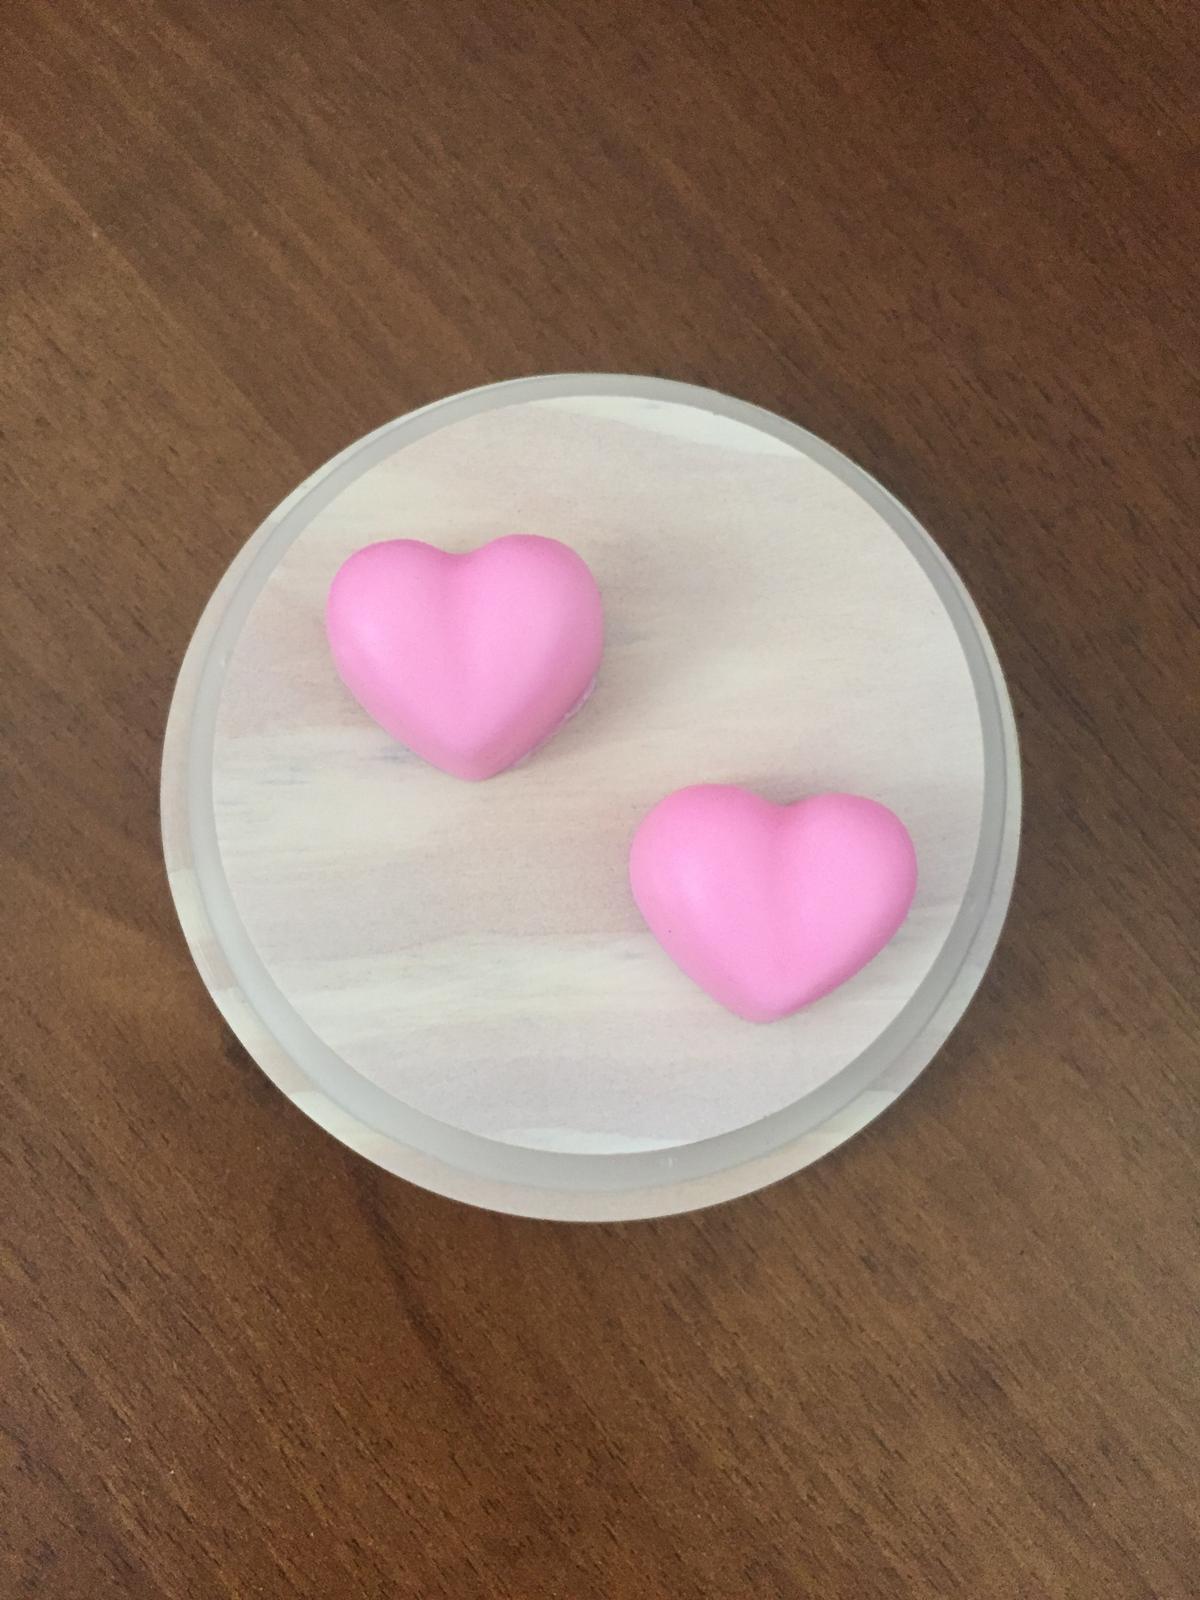 Vyrábam voňavé mydielka od... - Obrázok č. 1